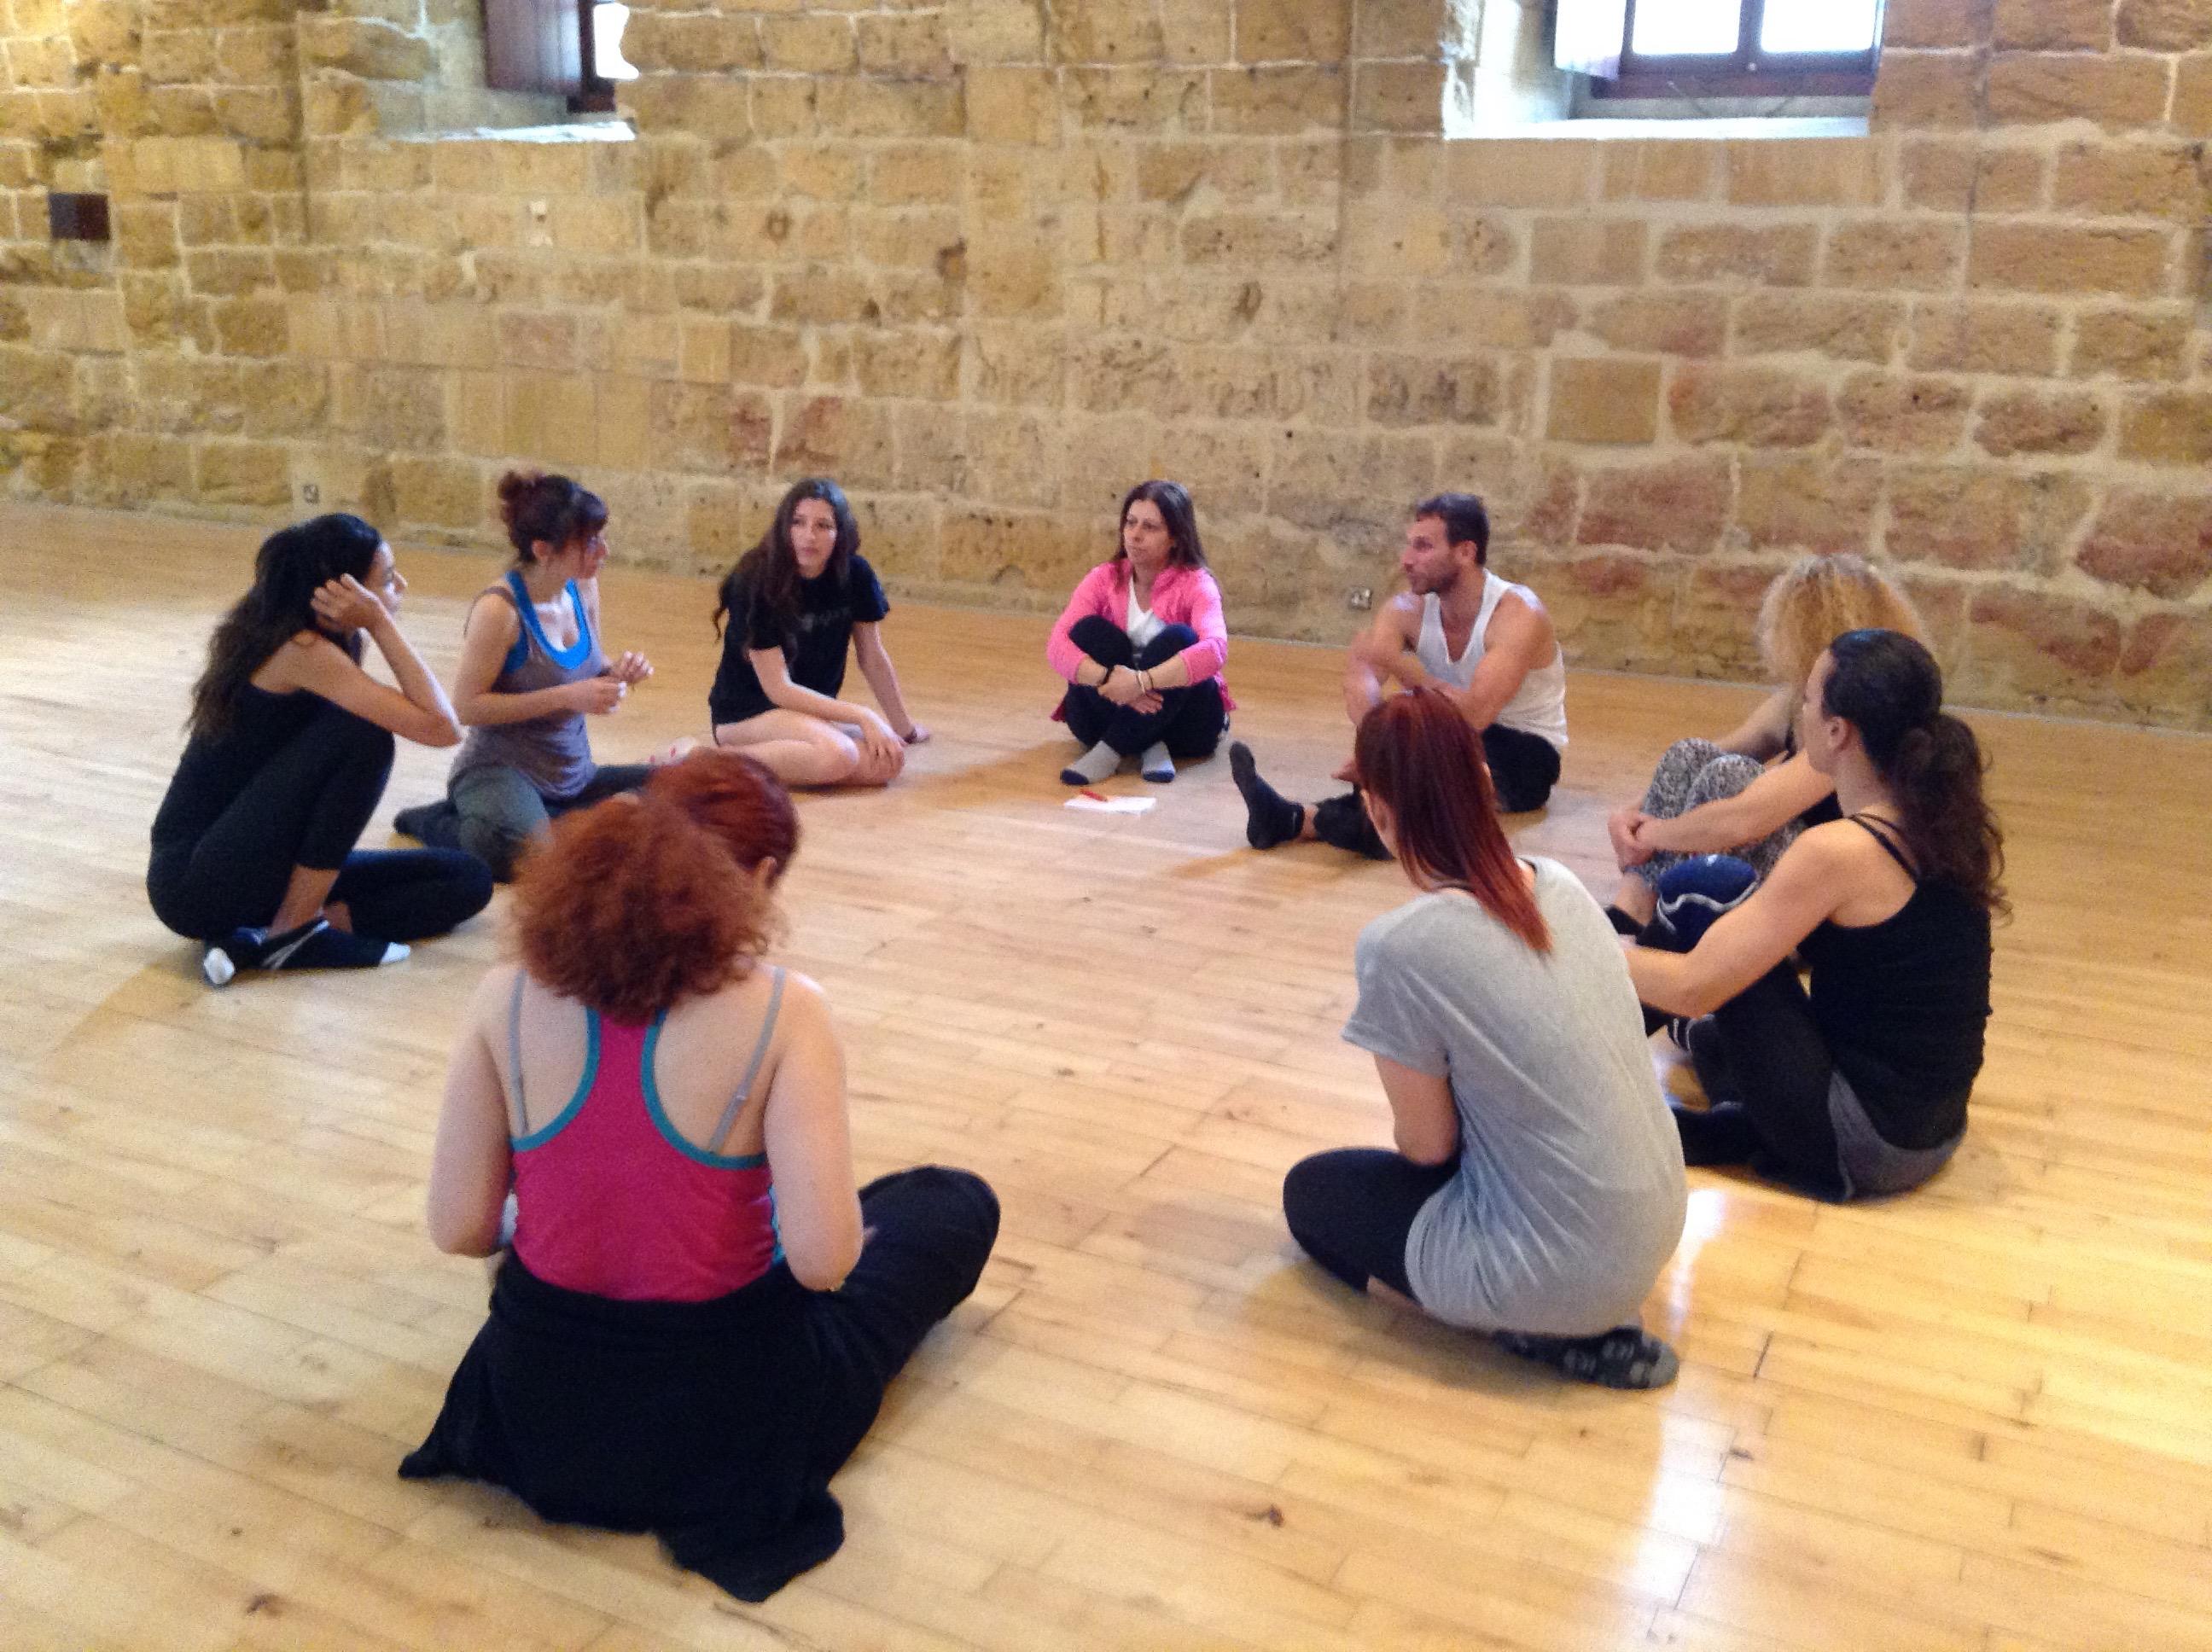 Σωματικό Θέατρο και Γείωση με Γιώργο Καραμαλέγκο Απρίλιος 2016